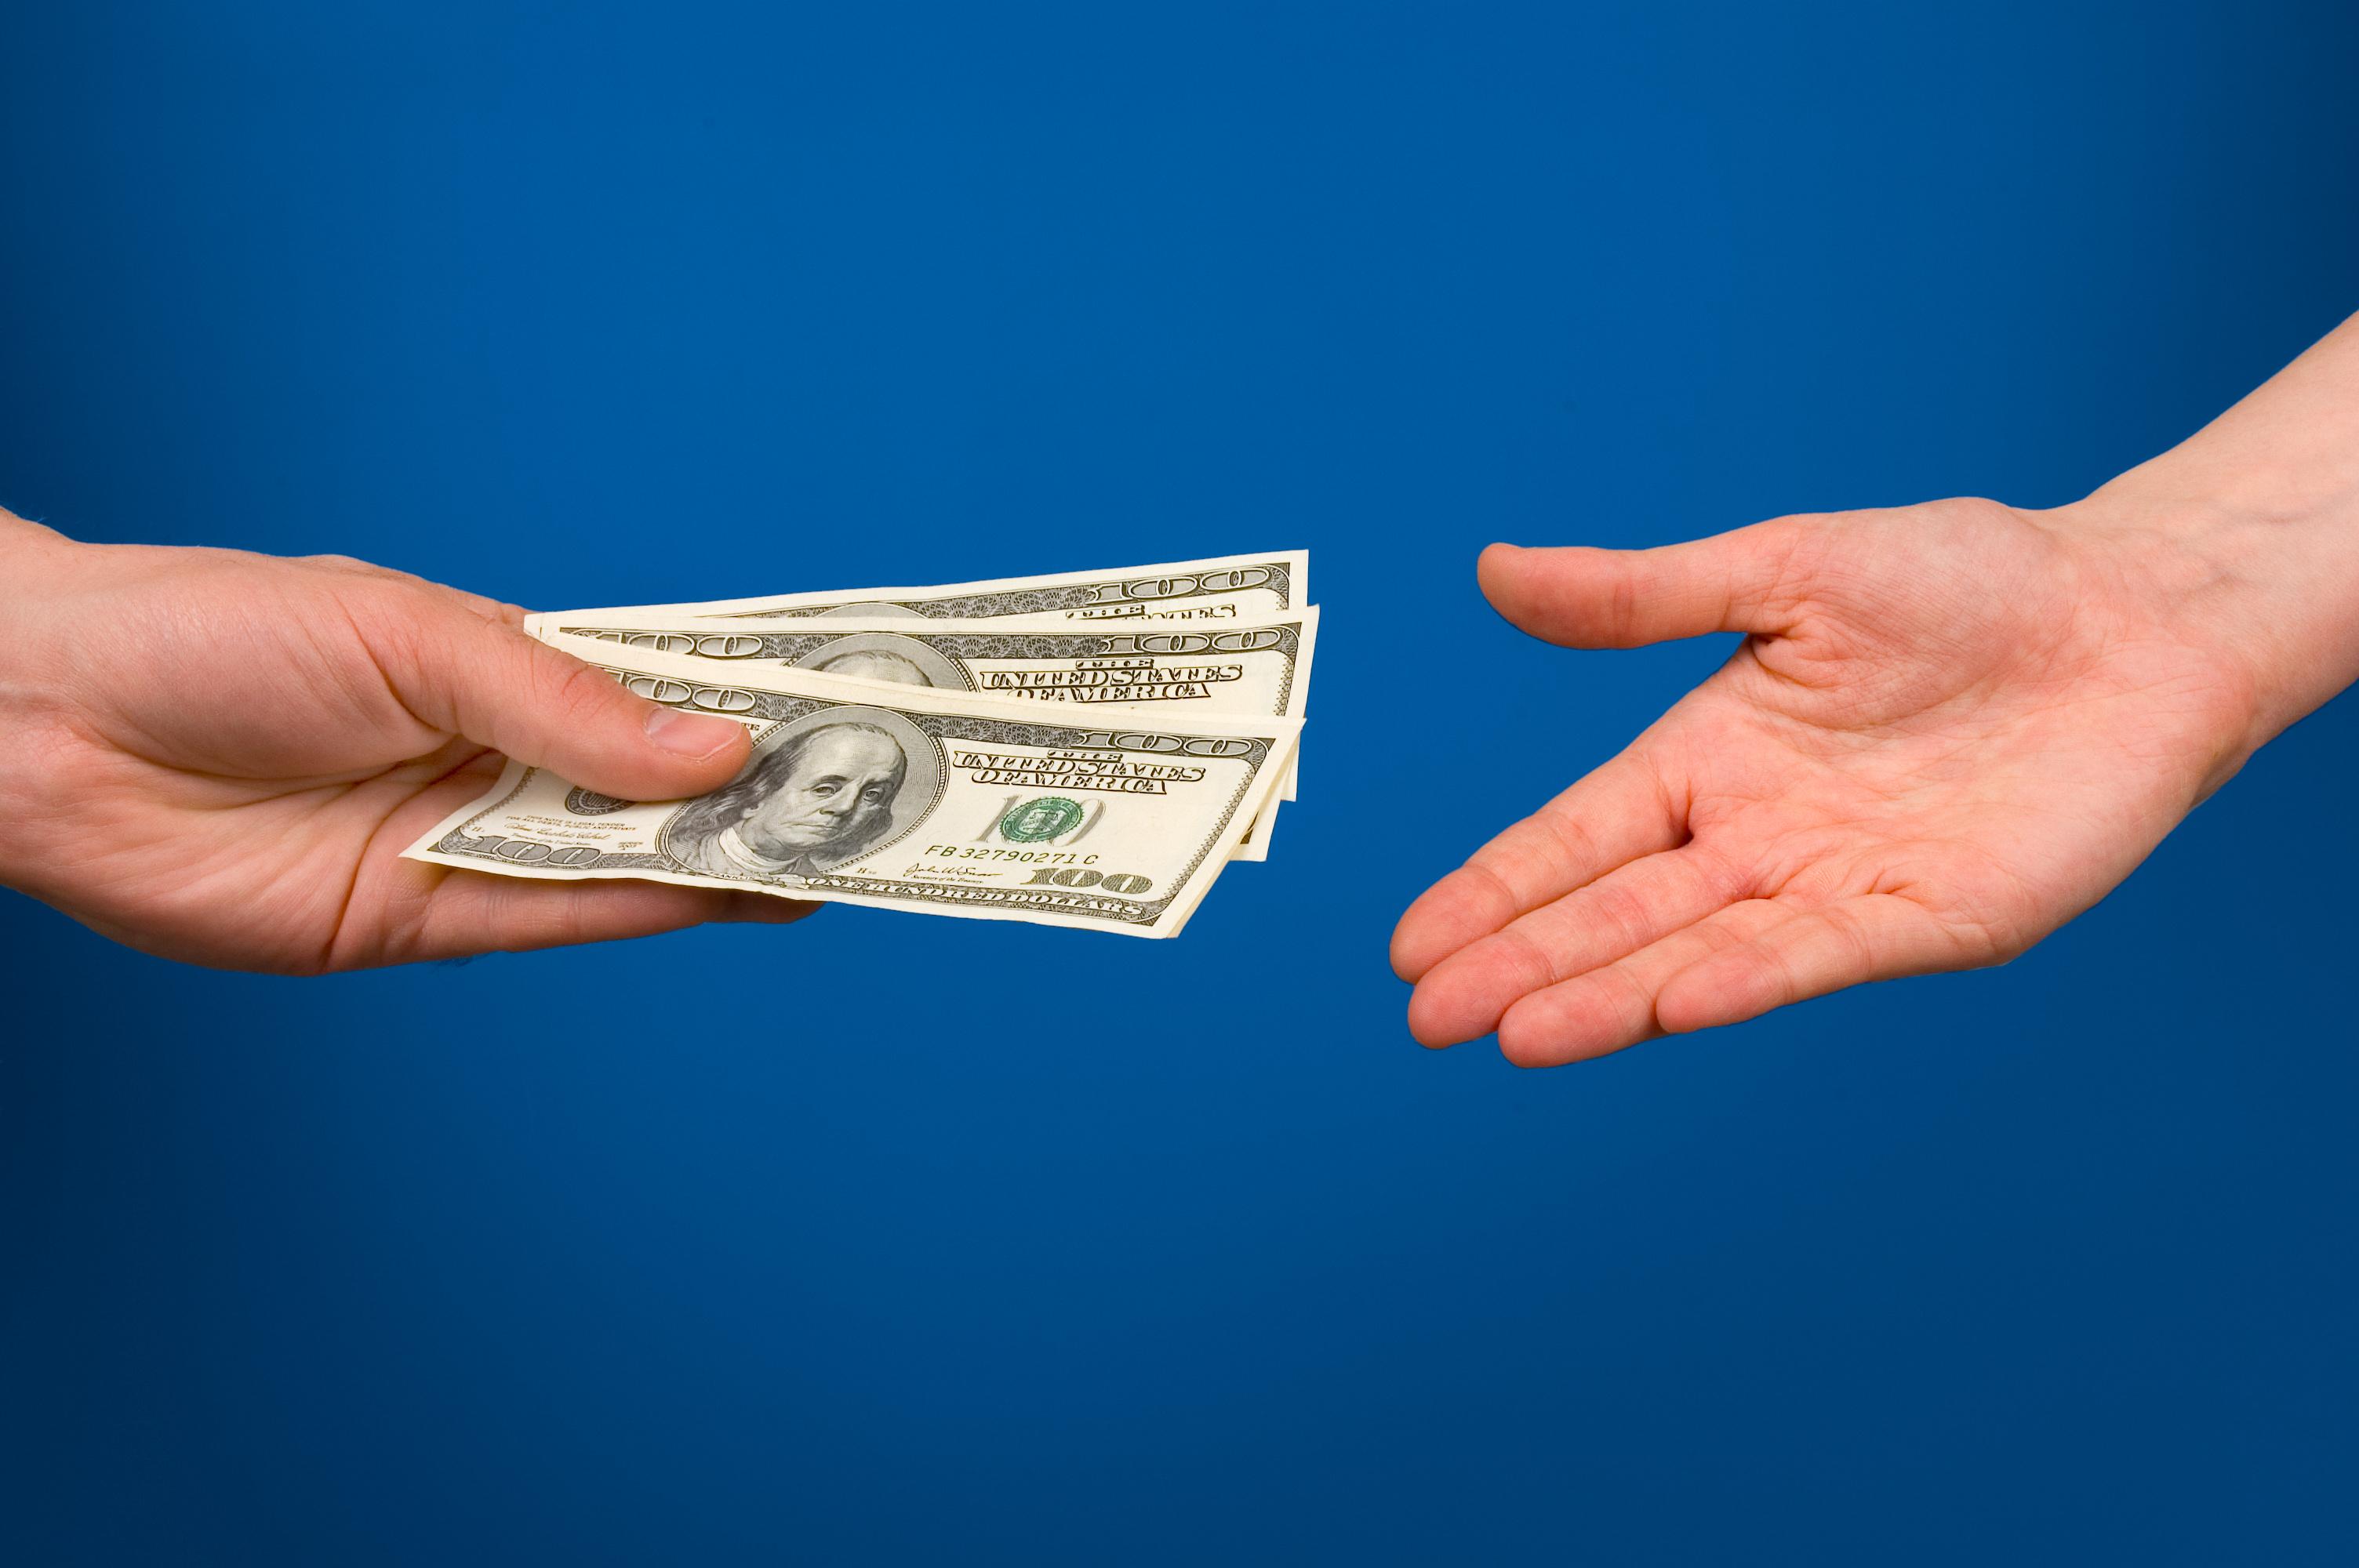 Advance loan company picture 10